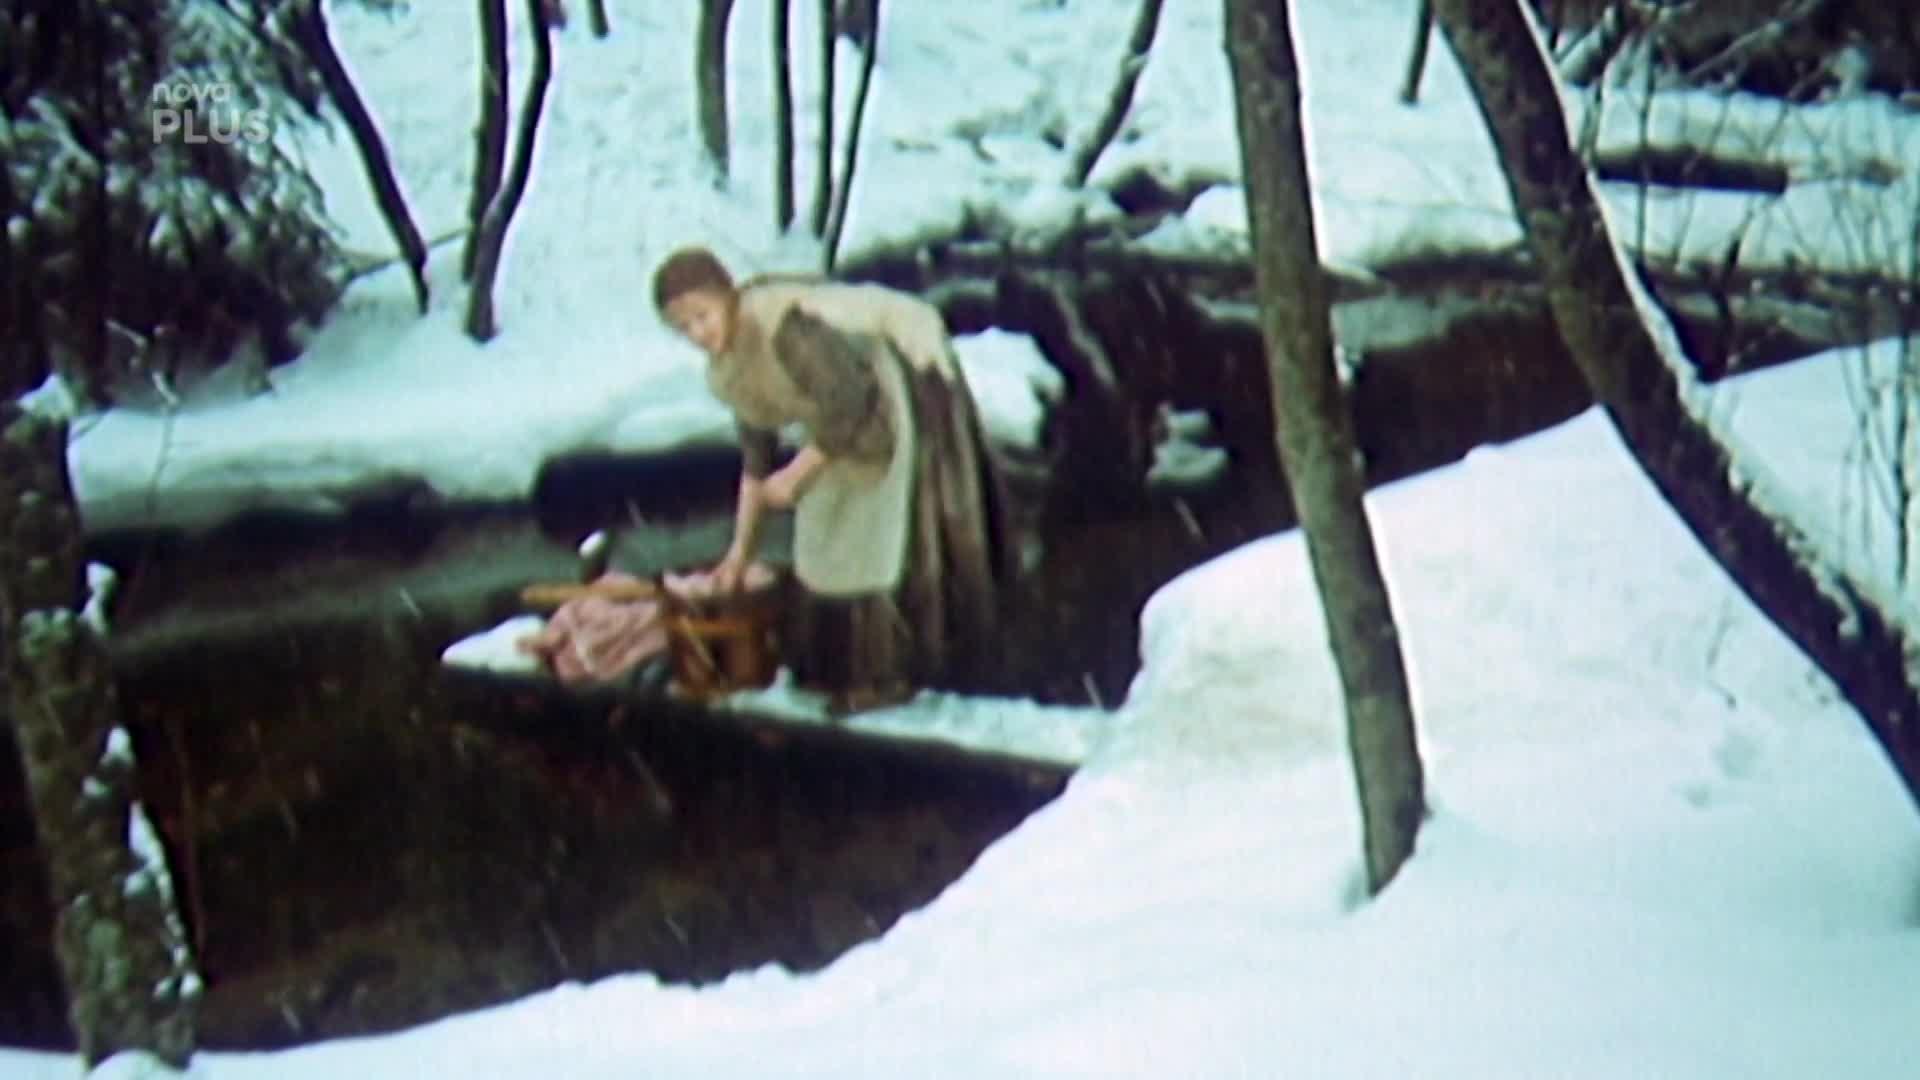 Tři oříšky pro Popelku, pohádka plná tajemství: Proč princ Pavel Trávníček ve filmu nemluví?